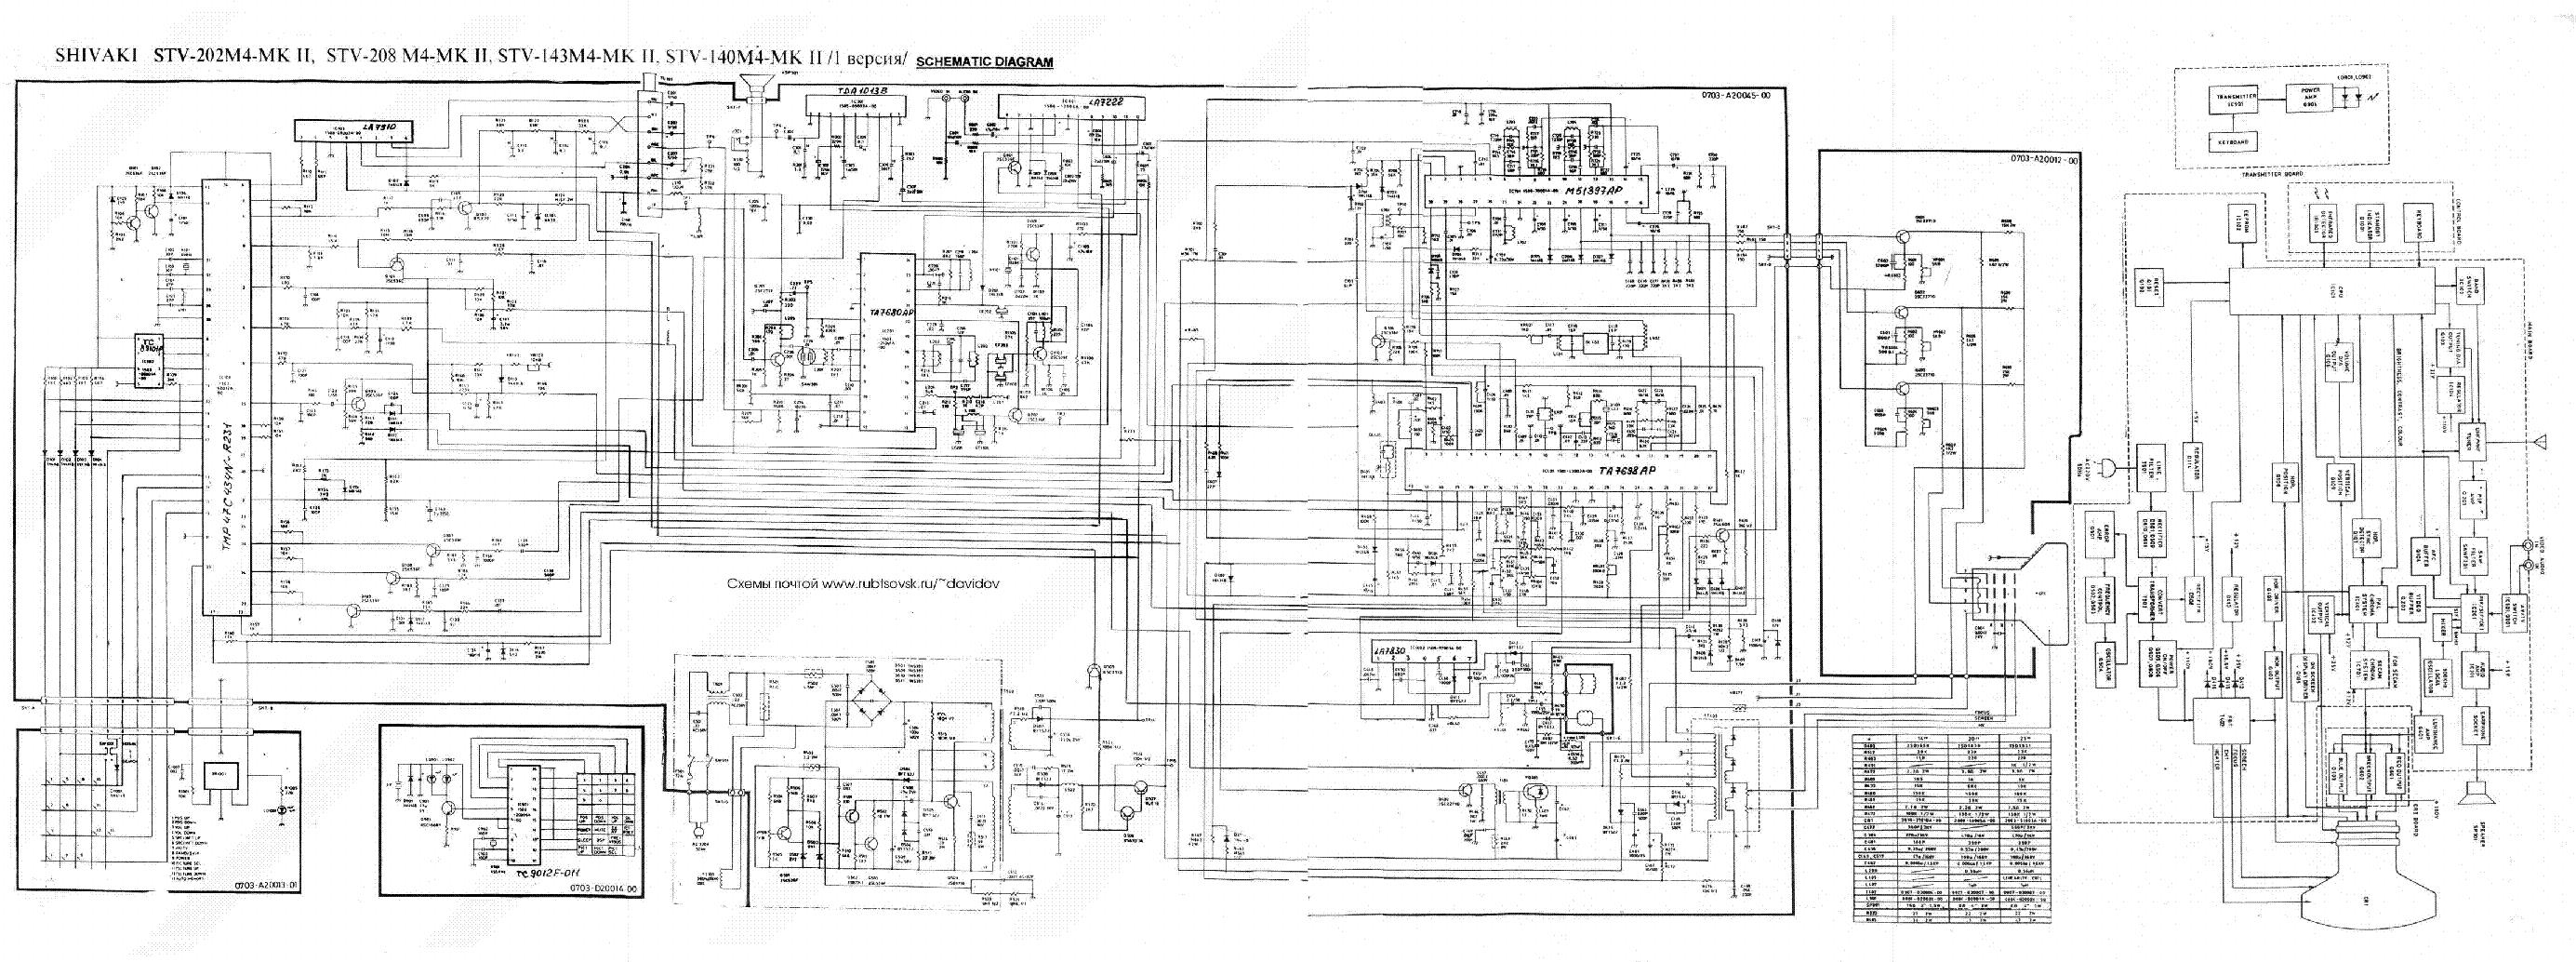 Shivaki Stv202m4 Sch Service Manual Download Schematics Eeprom M4 Schematic 1st Page